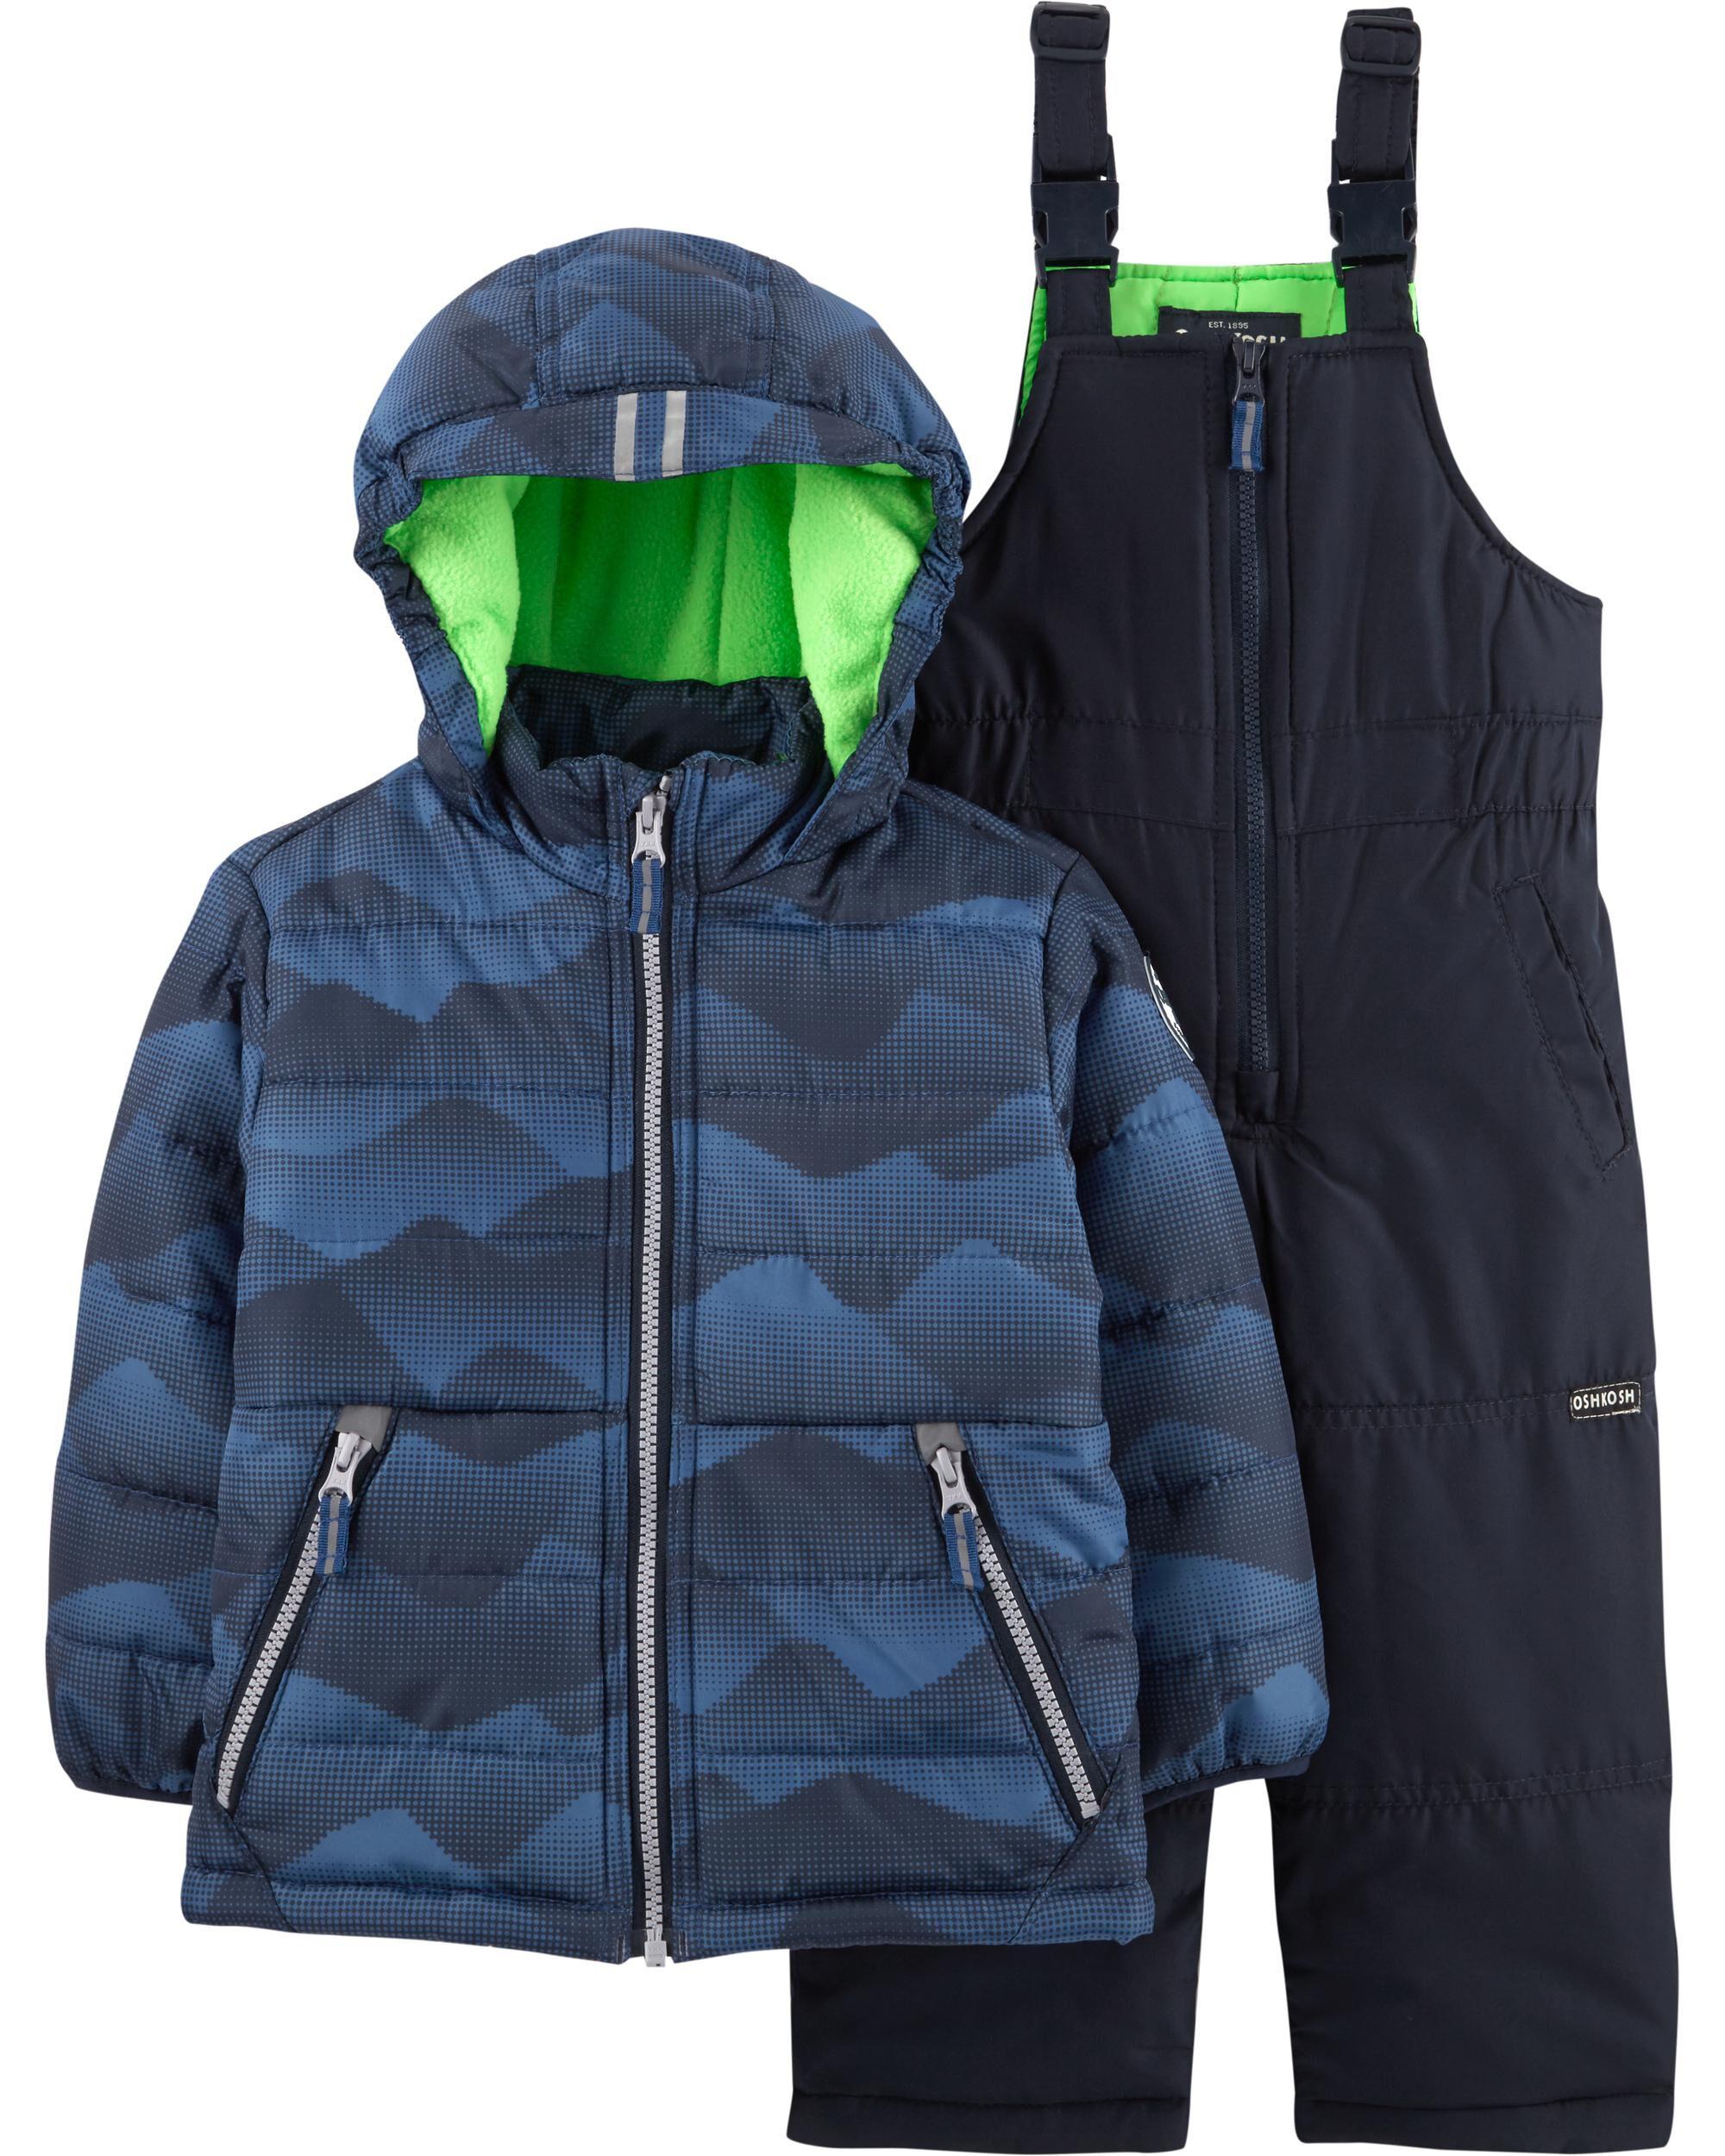 Kids Snow Suit 5t